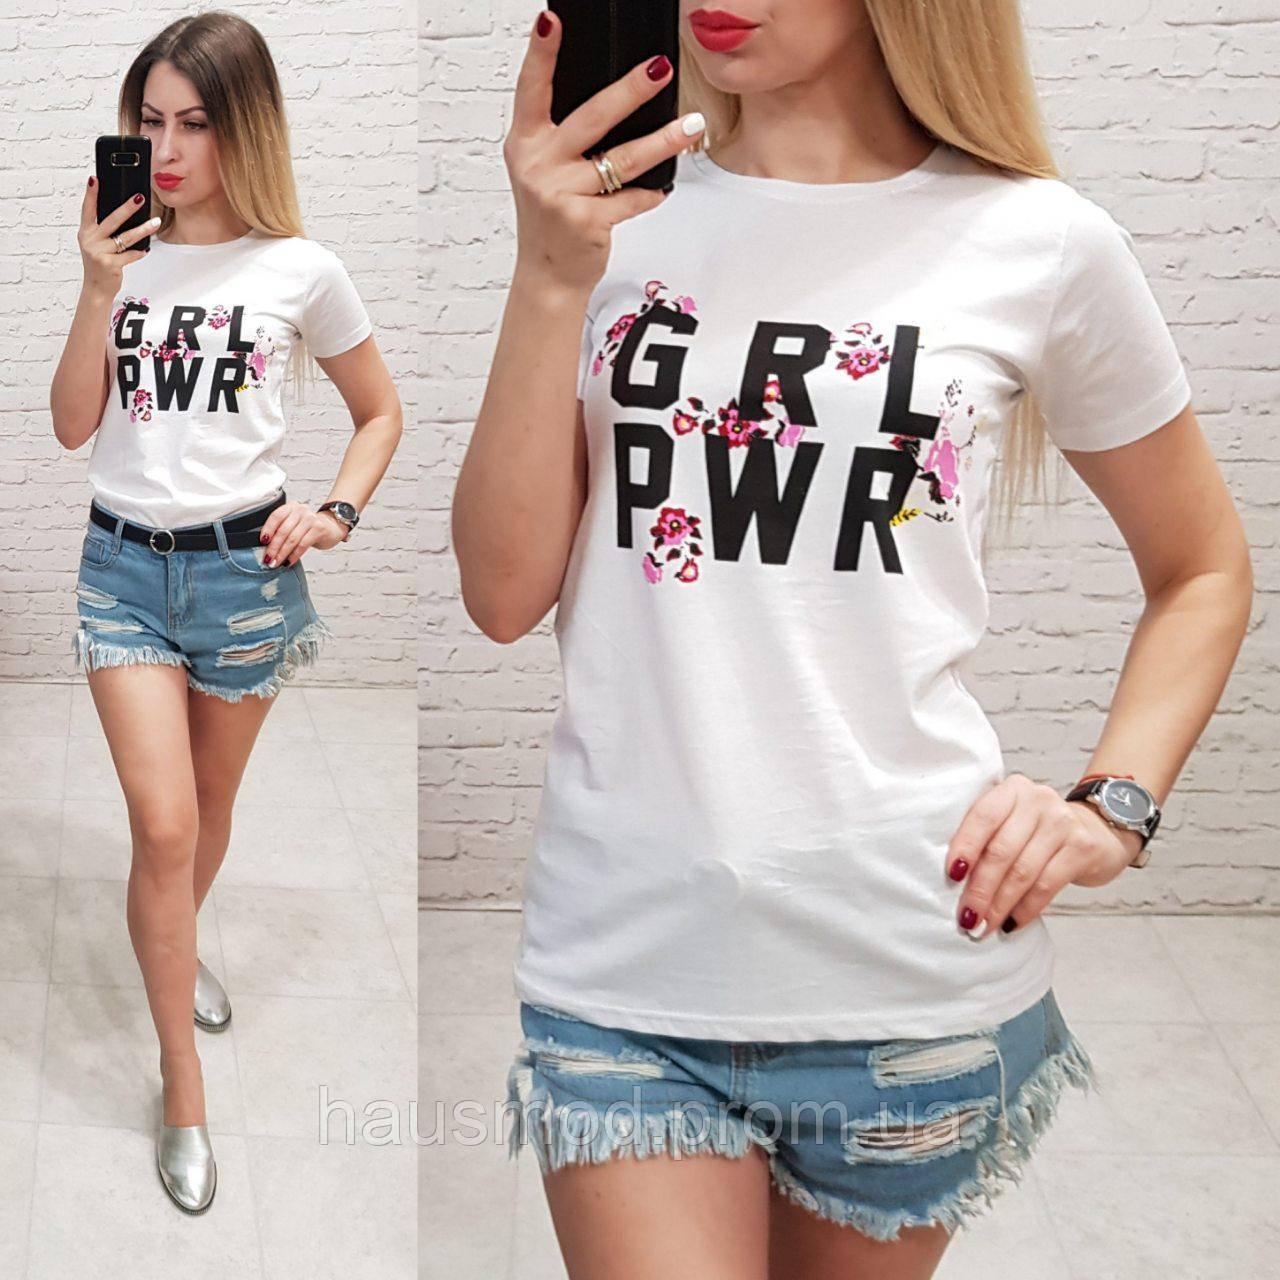 Женская футболка летняя рисунок GRL PWR 100% катон качество турция цвет белый